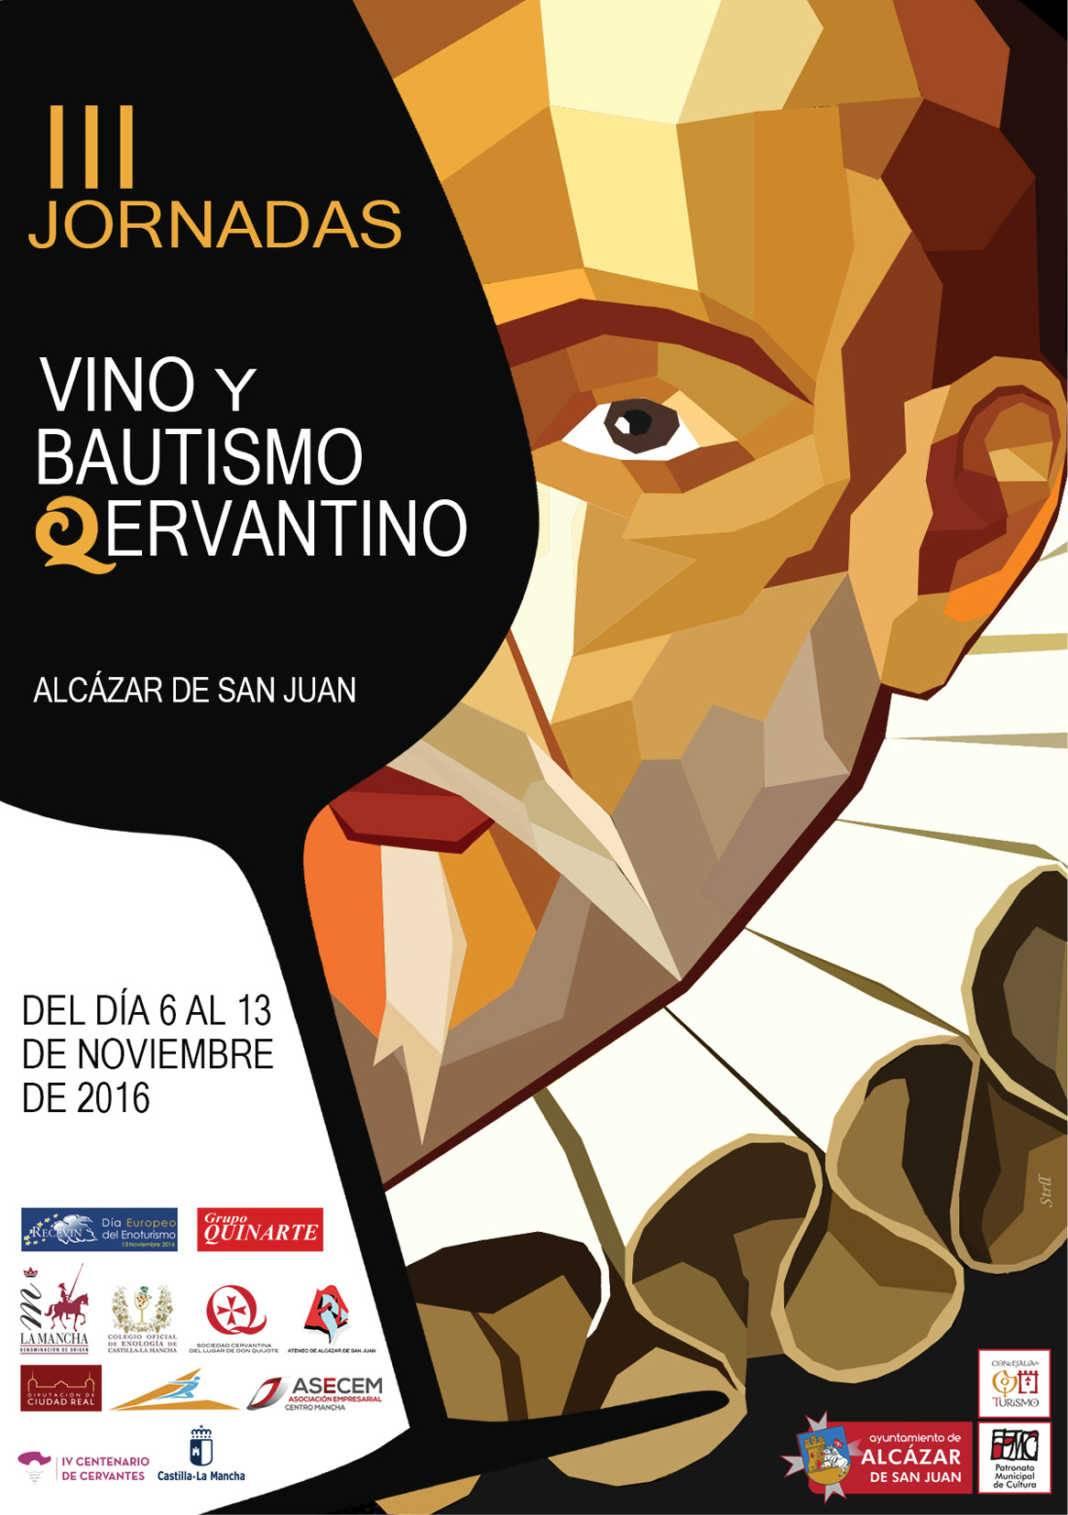 PROGRAMA VINO BAUTIZO 2016 FINAL 1068x1515 - Ángel Martín-Fontecha intervendrá en el encuentro cervantino de Alcázar de San Juan